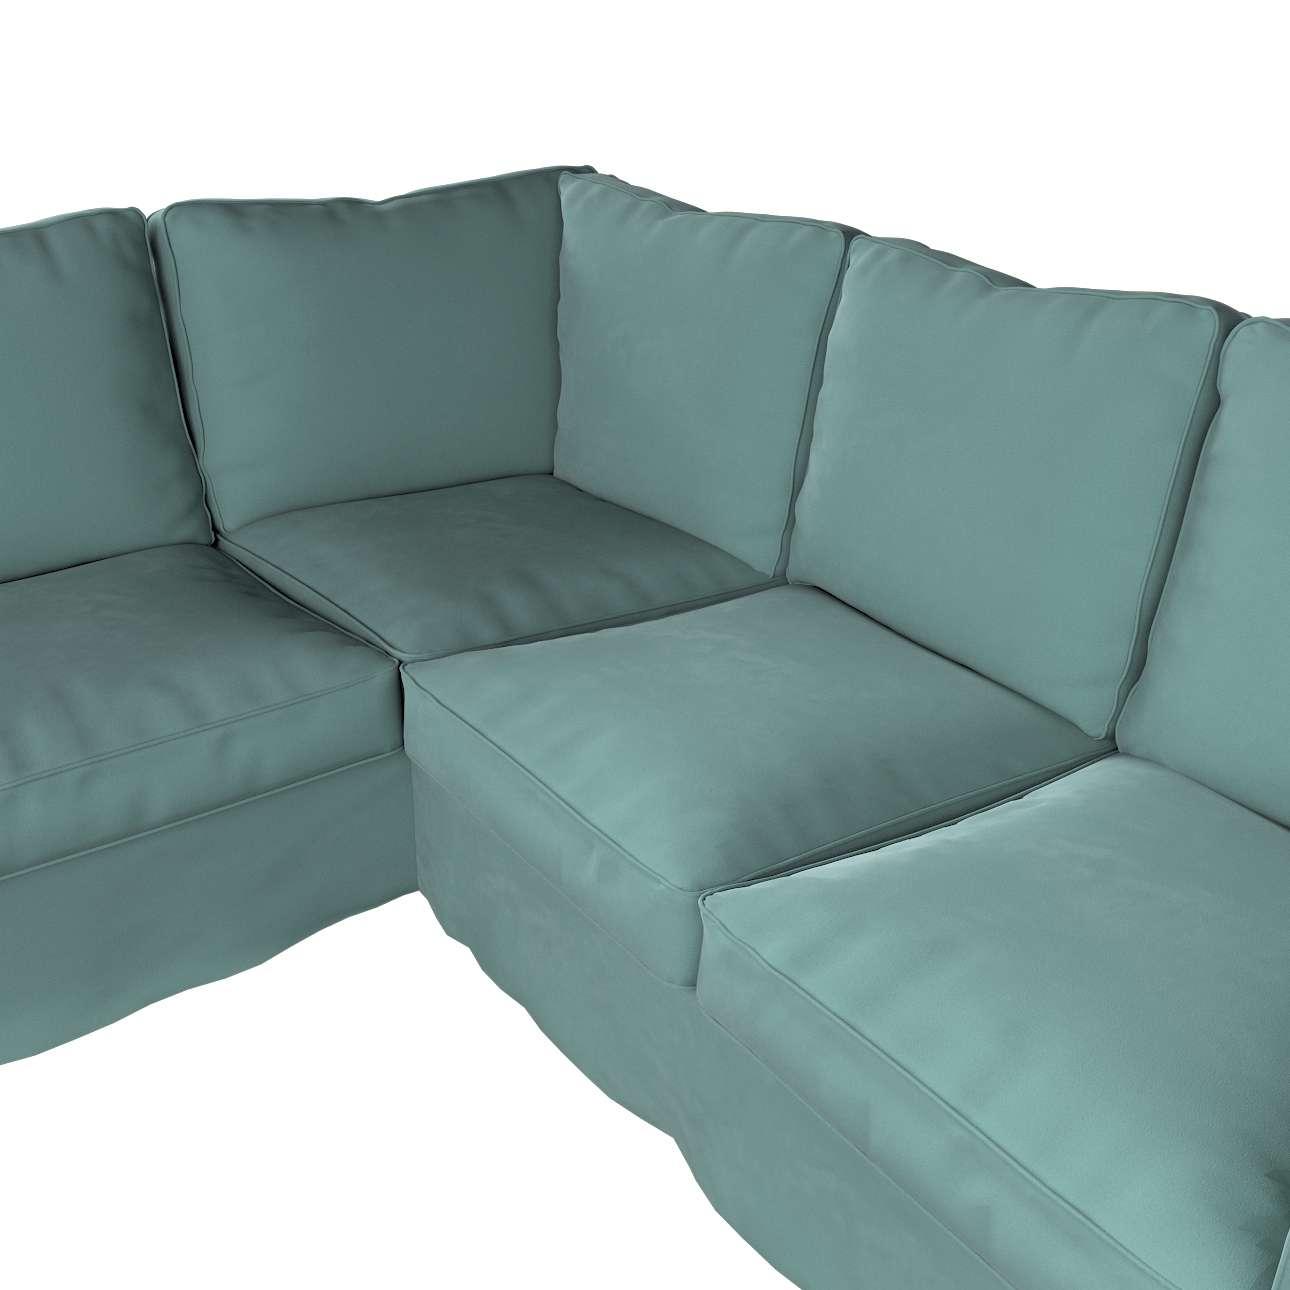 Pokrowiec Ektorp na sofę narożną w kolekcji Velvet, tkanina: 704-18